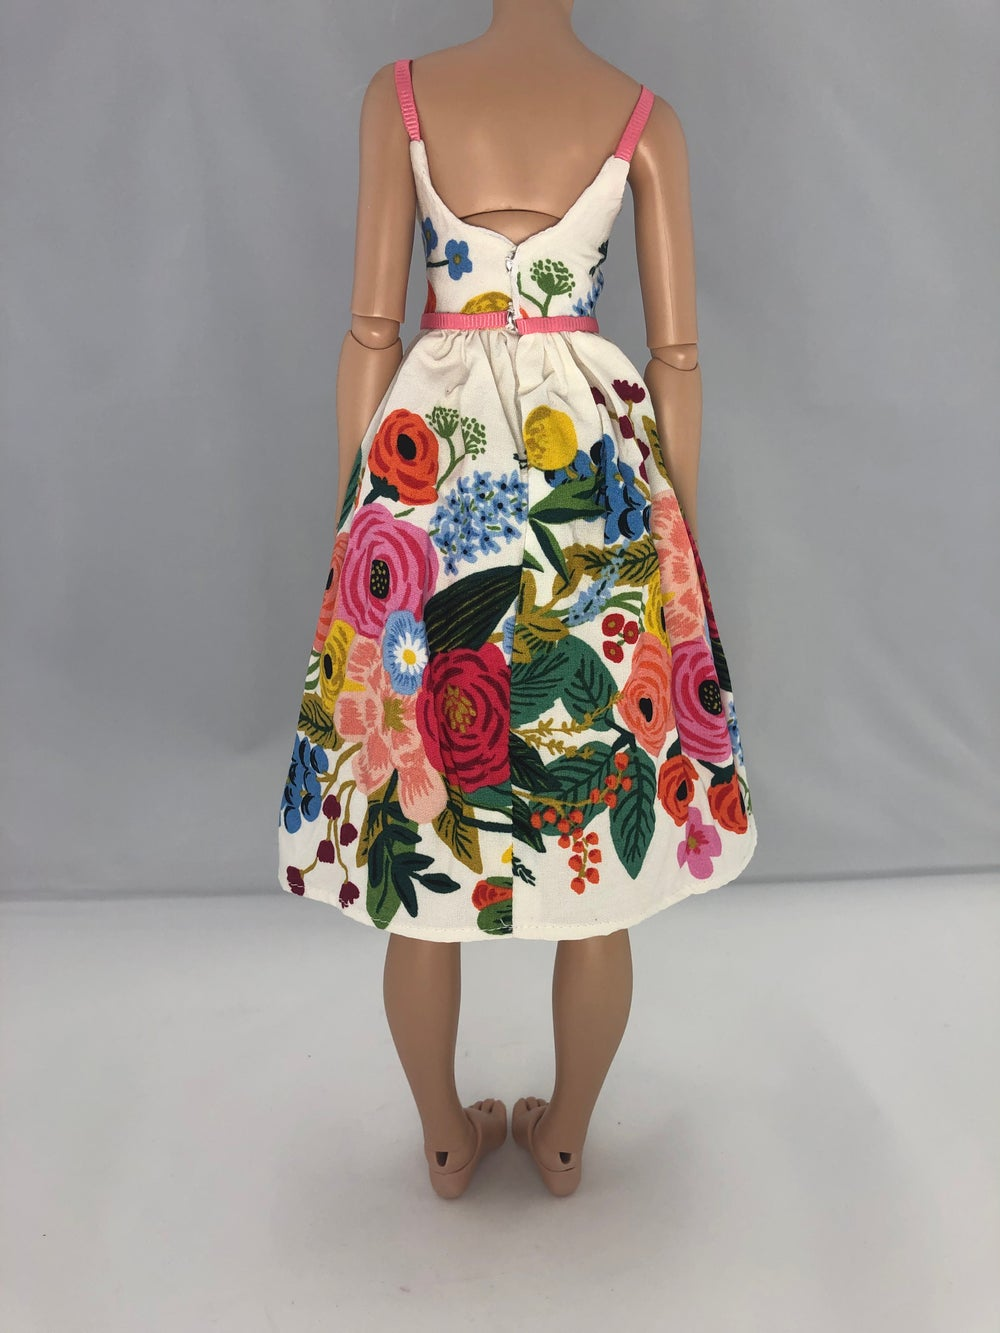 Belted Vintage Floral Dress: Minifee